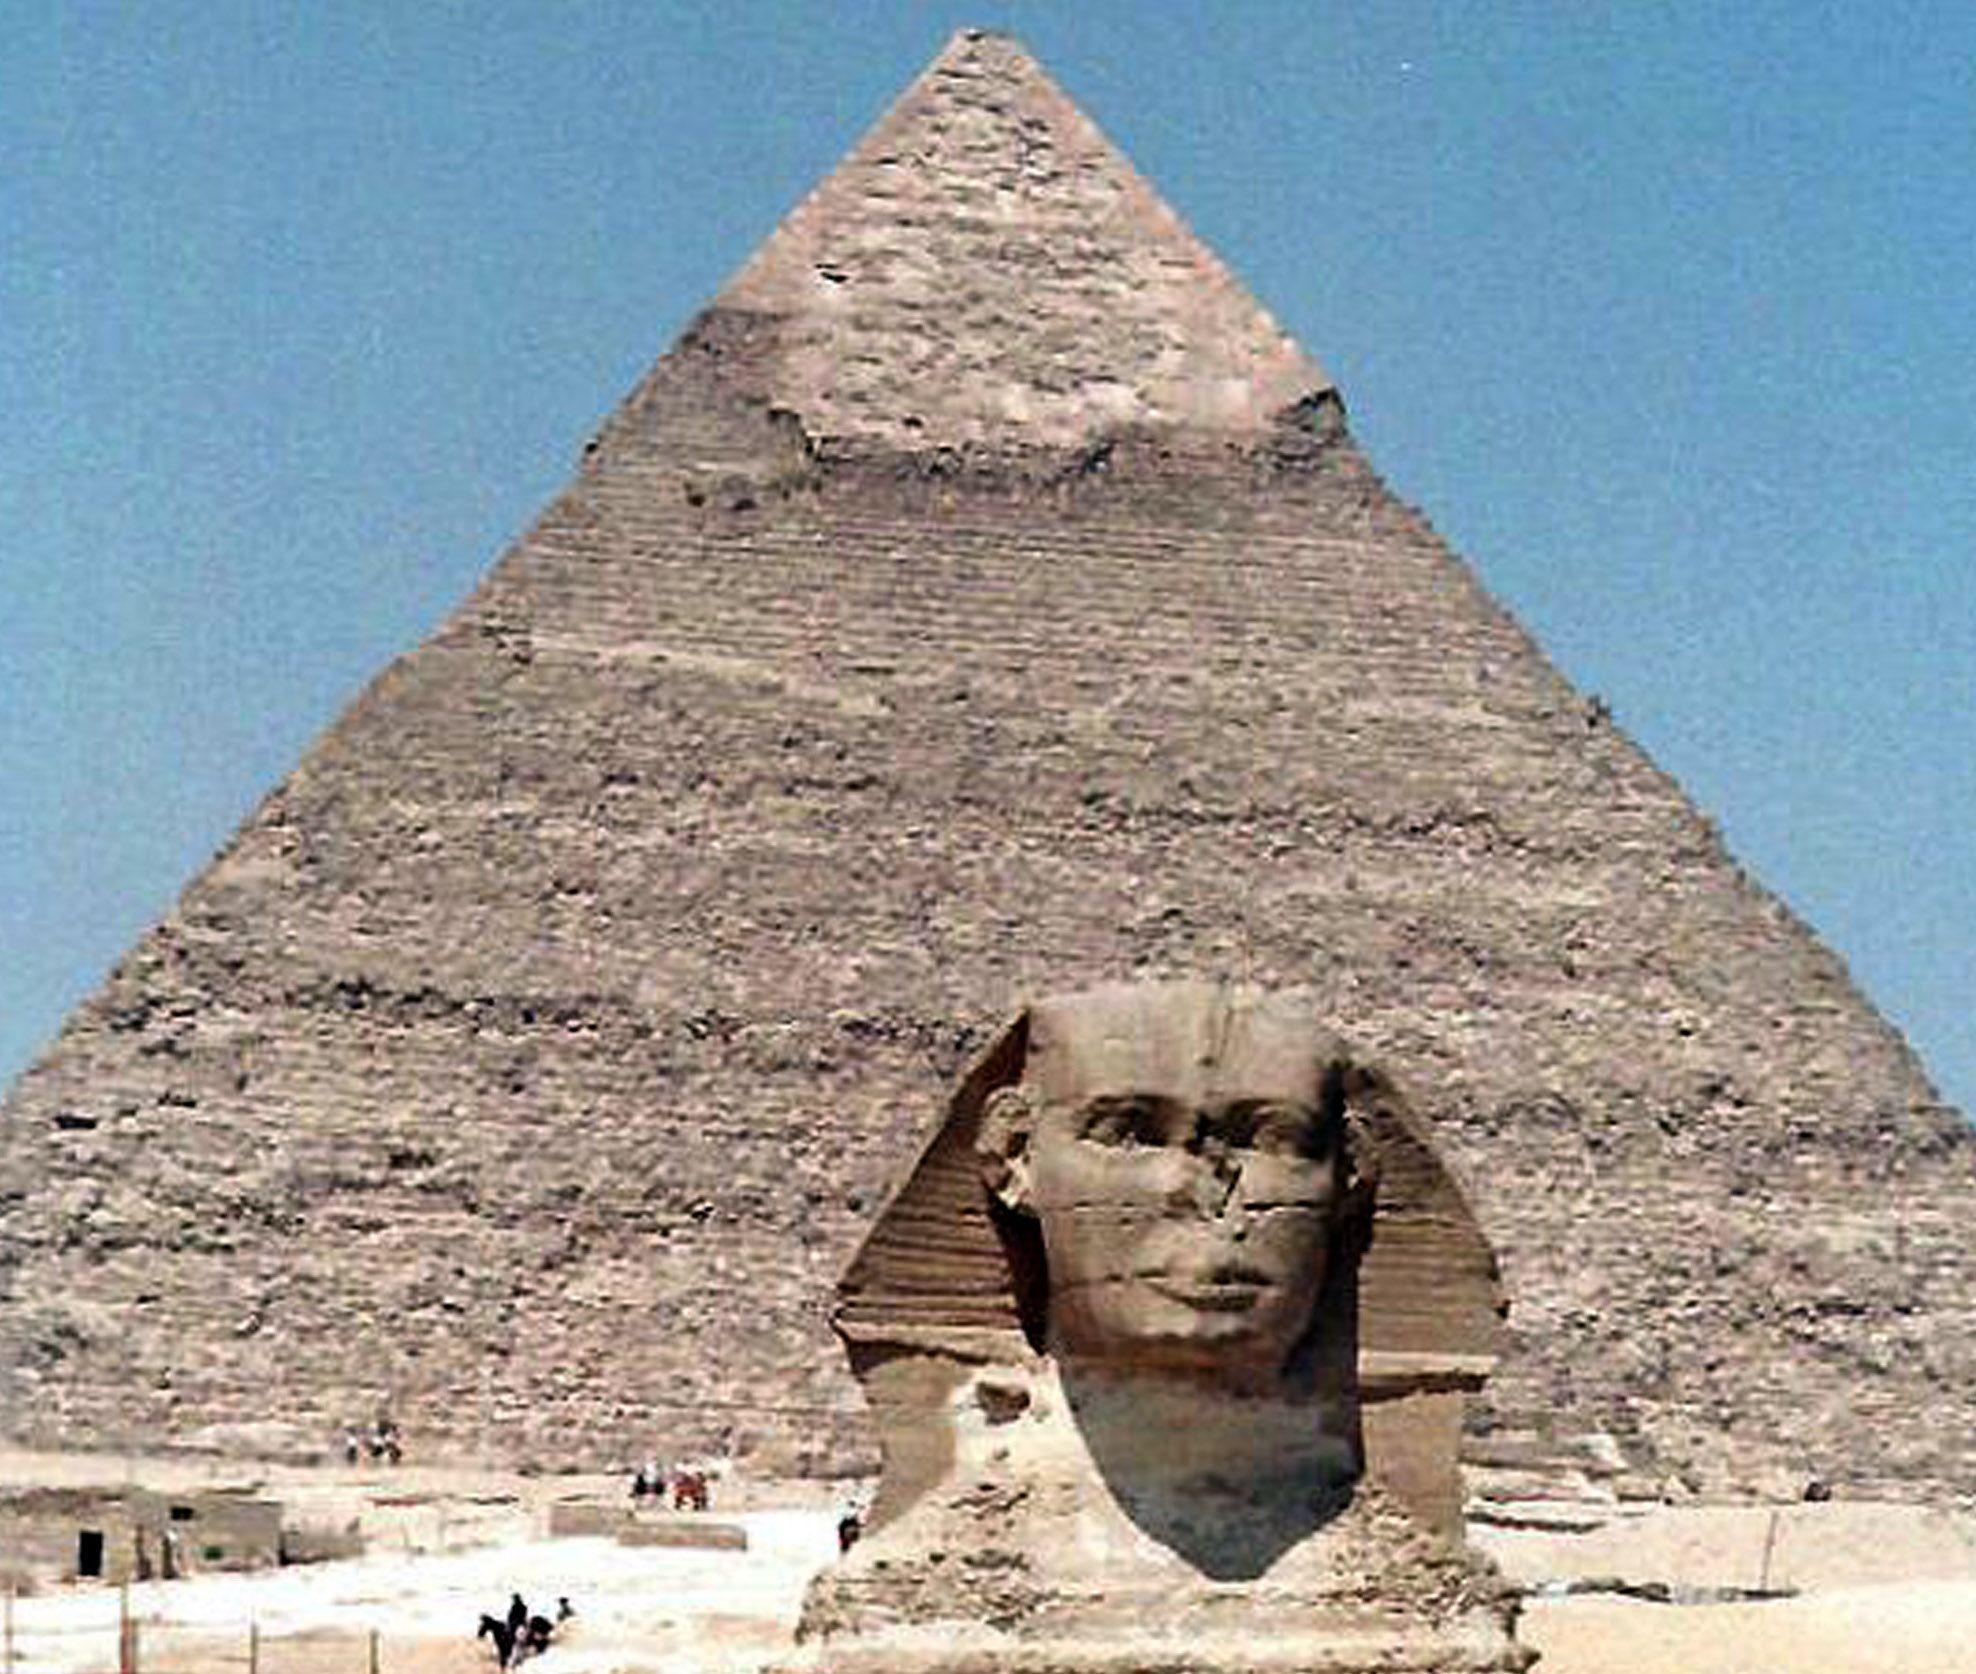 La misteriosa stanza della piramide di Cheope potrebbe essere una sala del trono di ferro